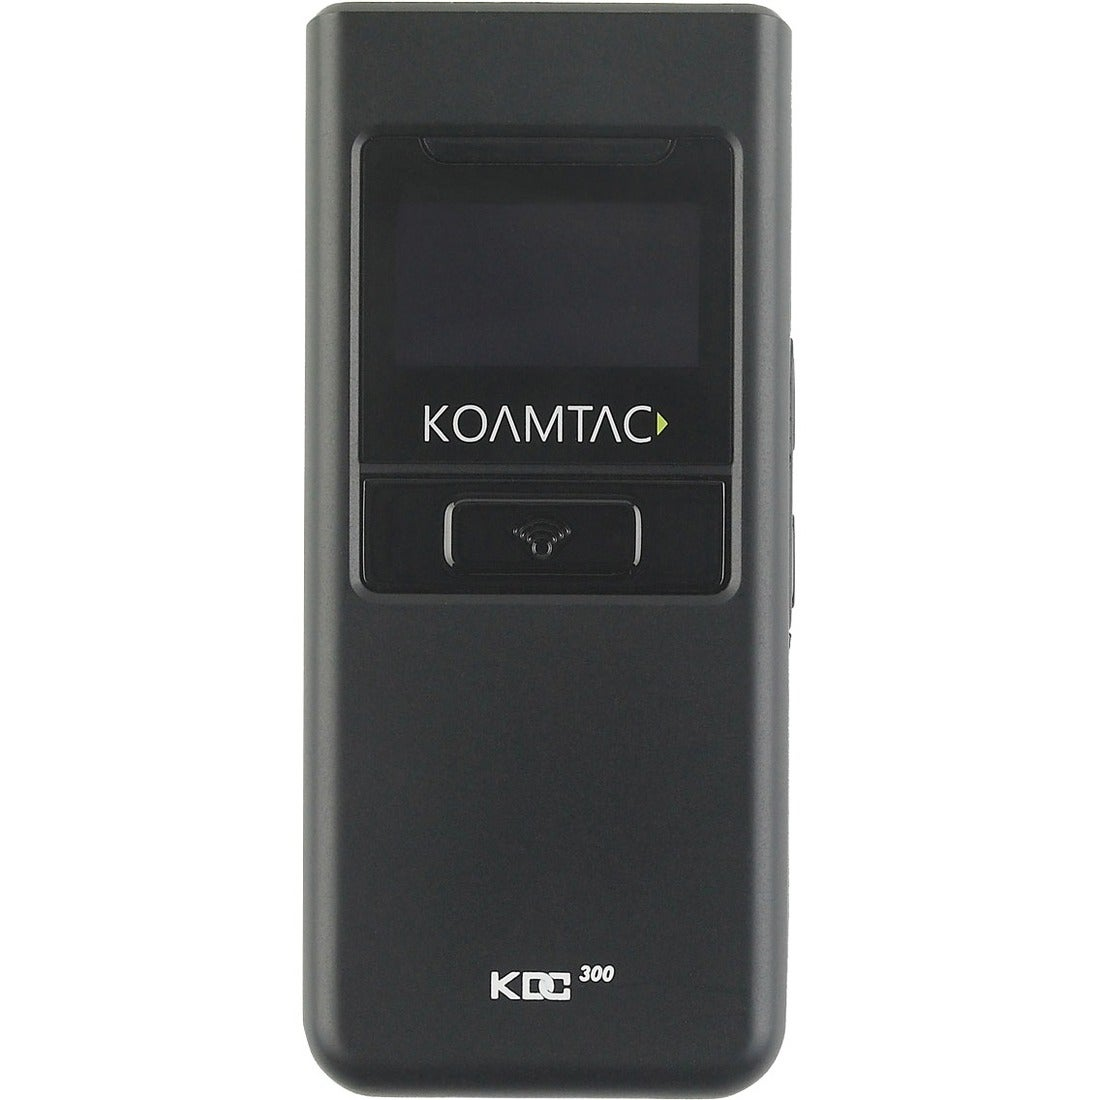 KoamTac KDC300iM-SR Bluetooth Barcode Scanner